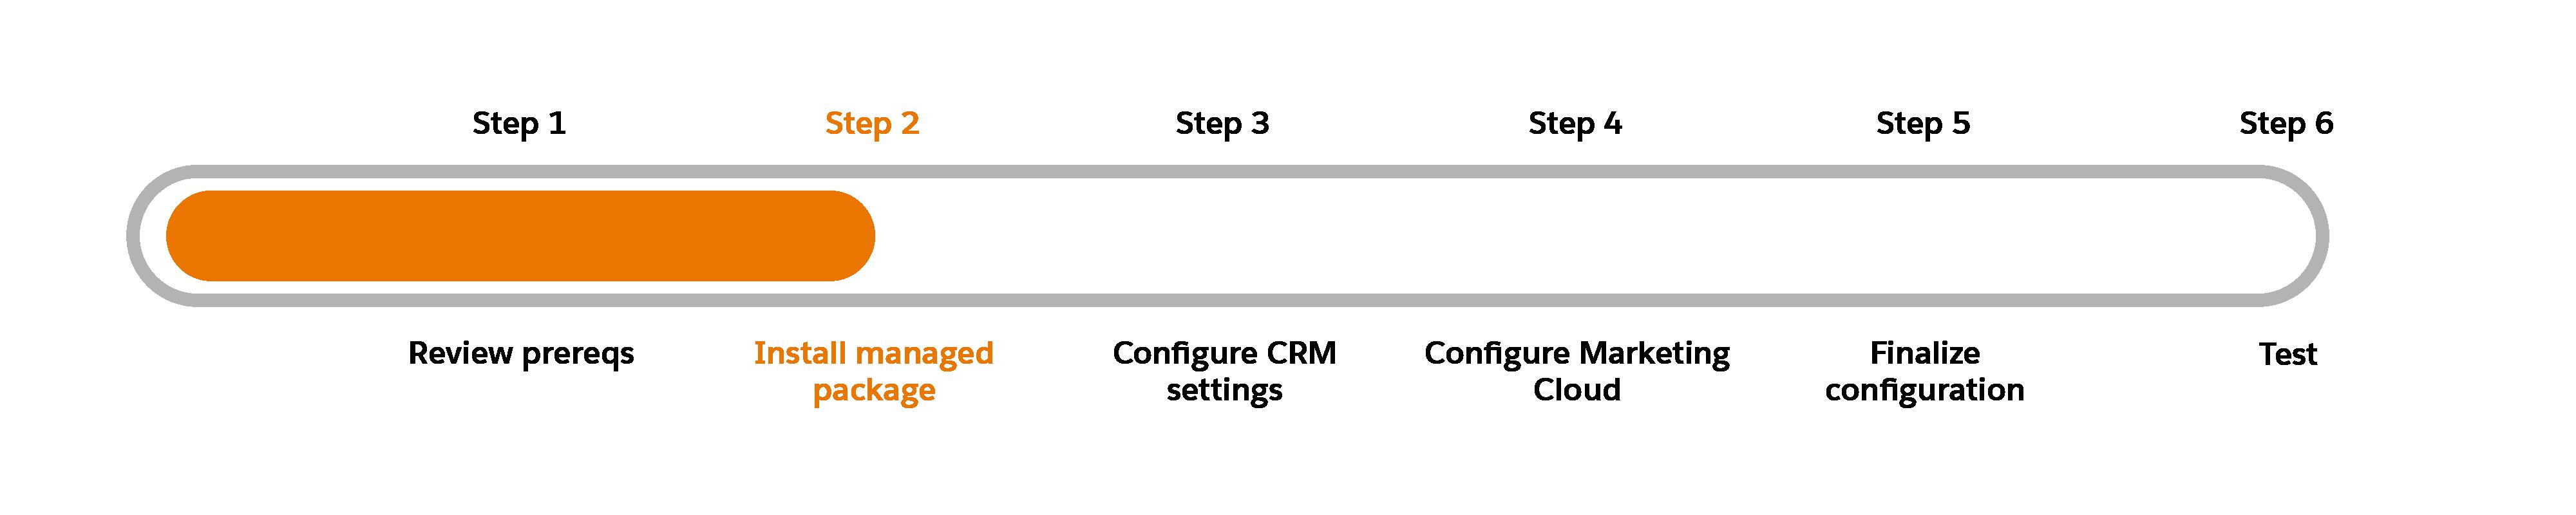 Schéma de progression avec l'étape2, Installation du package géré, en surbrillance.